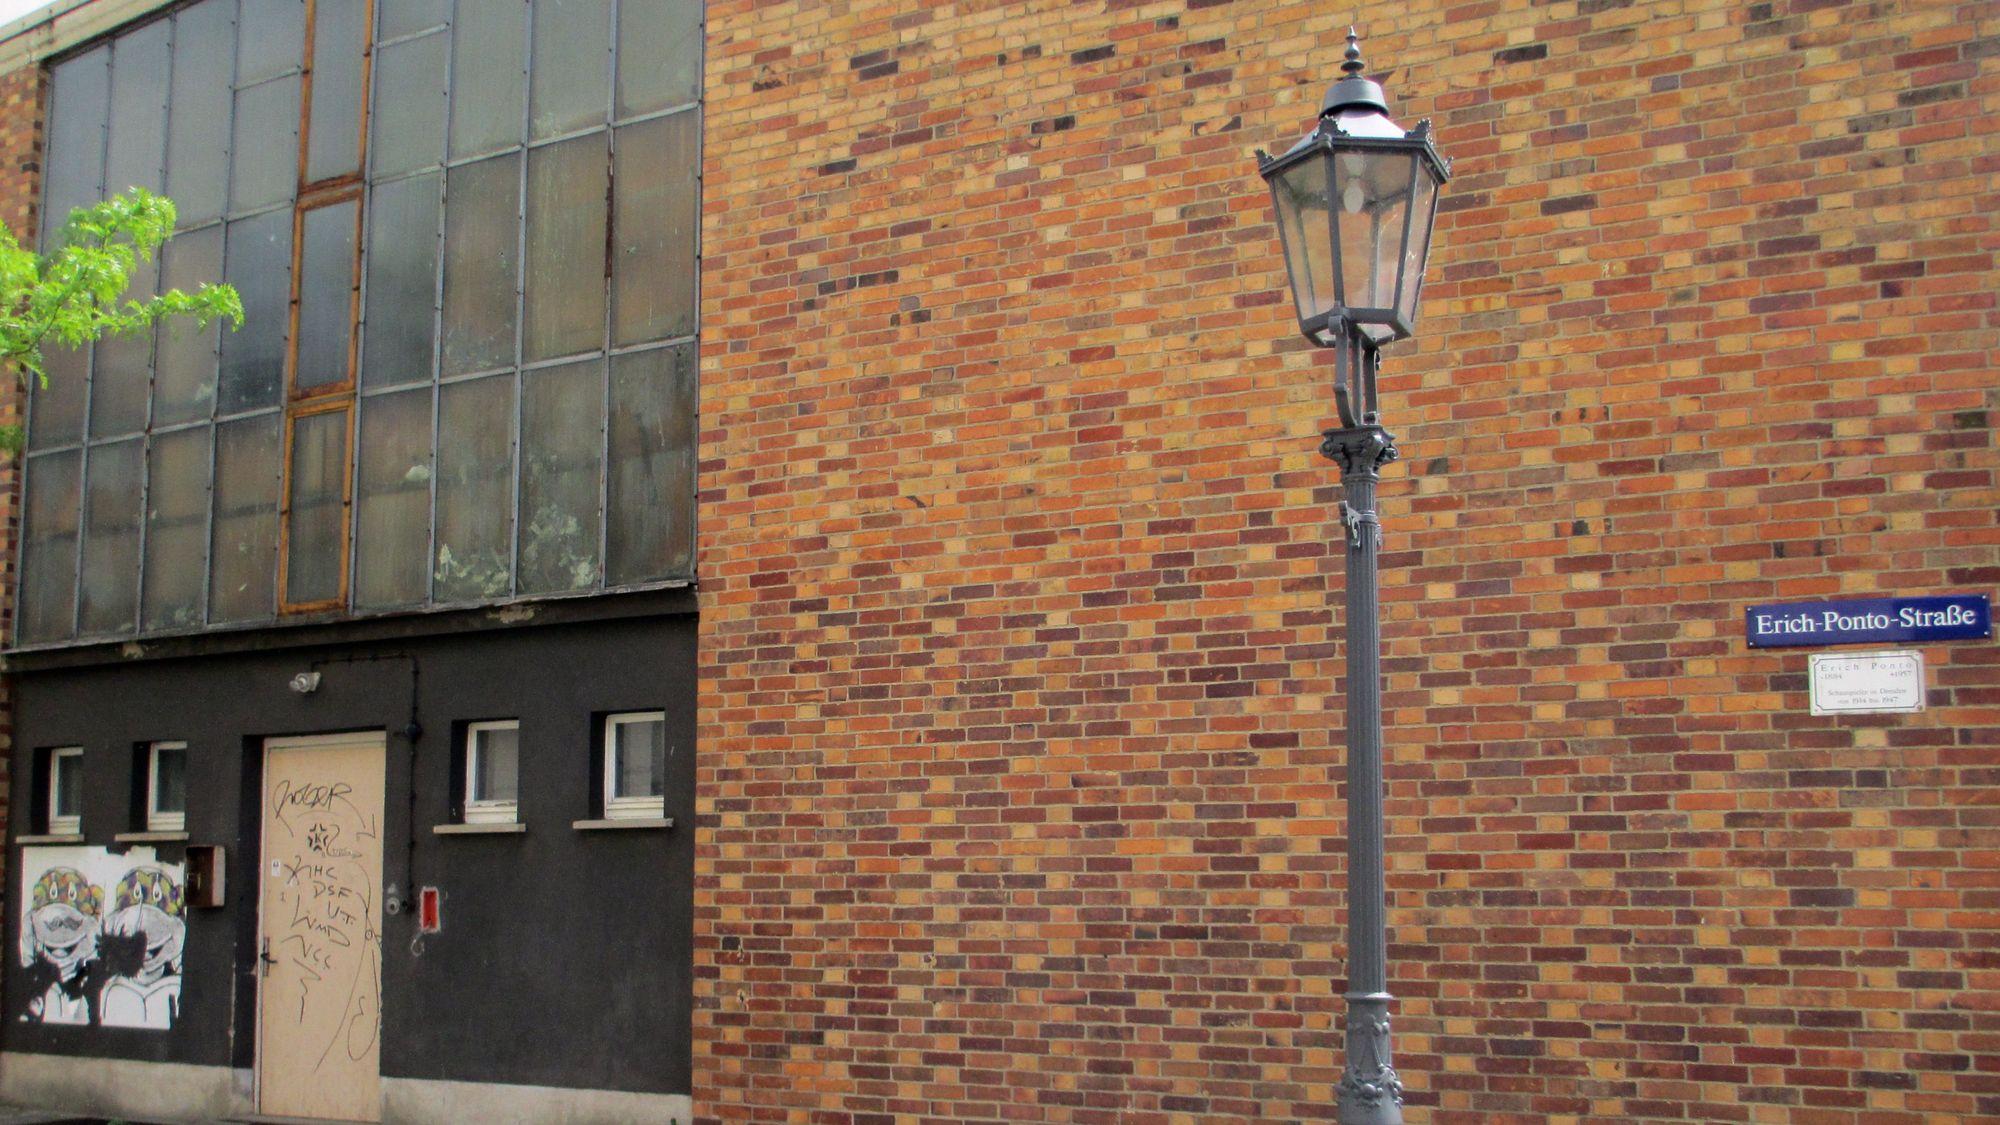 Archiv- und Erich-Ponto-Straße